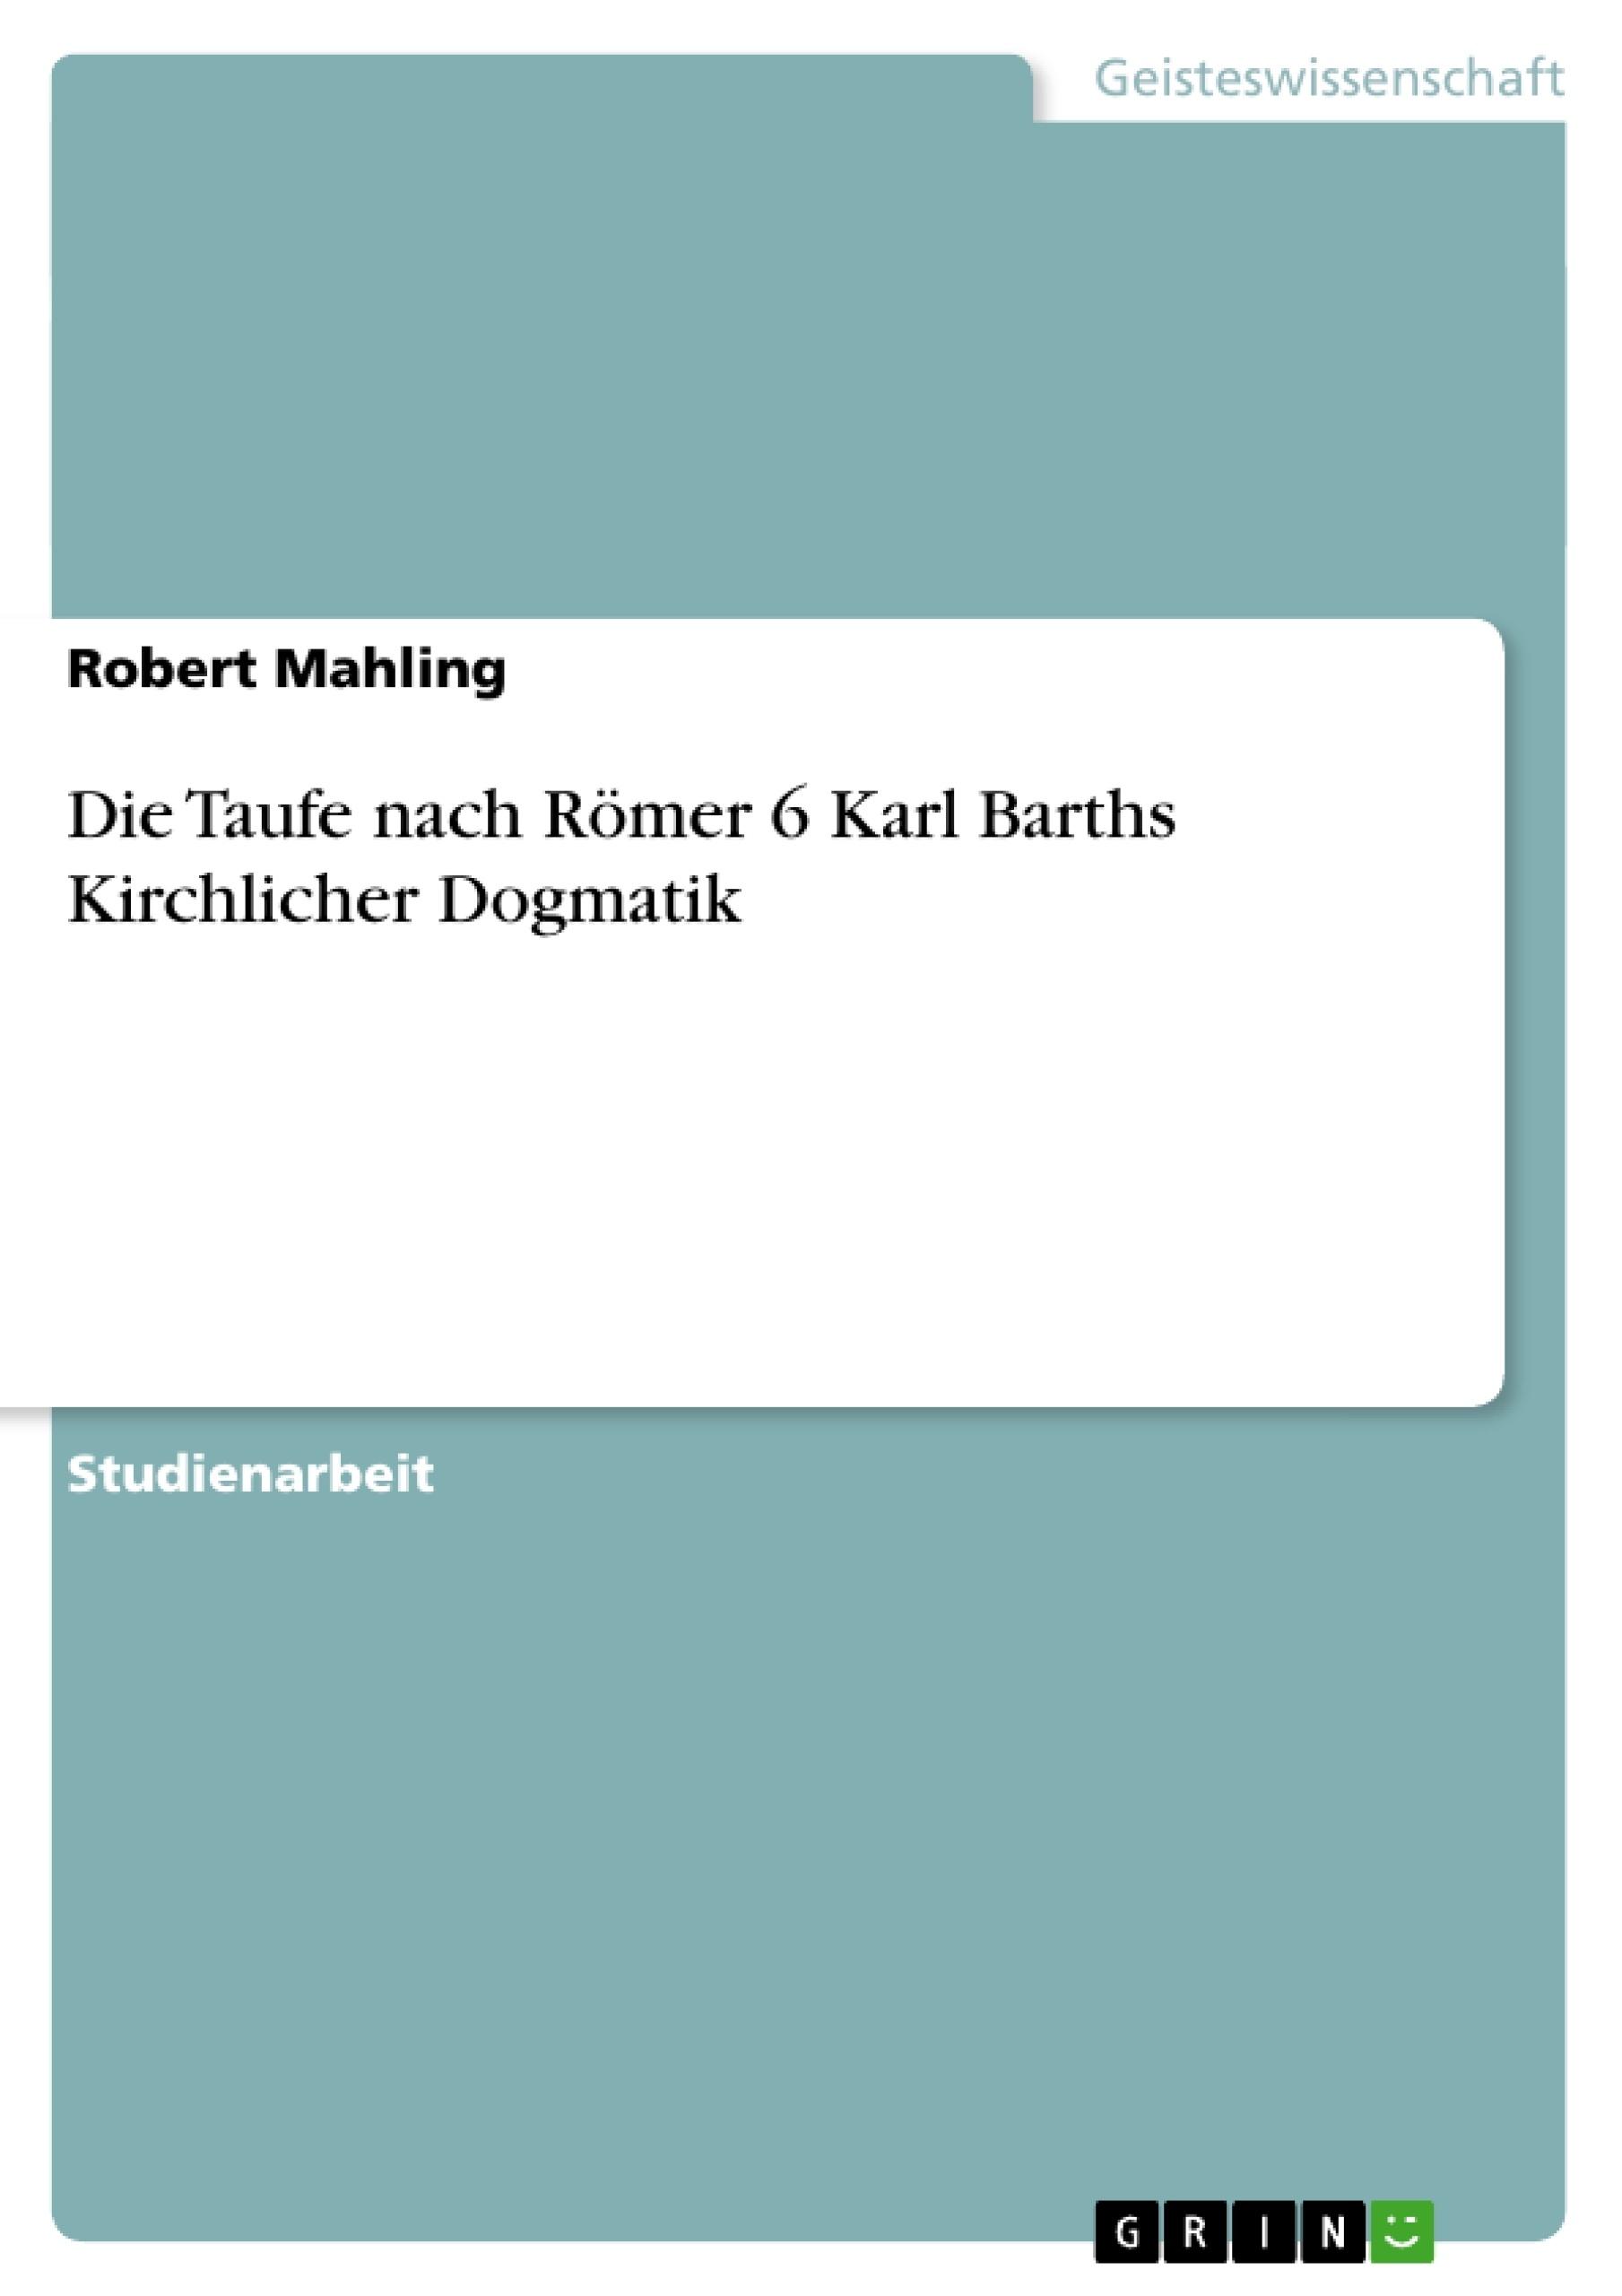 Titel: Die Taufe nach Römer 6 Karl Barths Kirchlicher Dogmatik